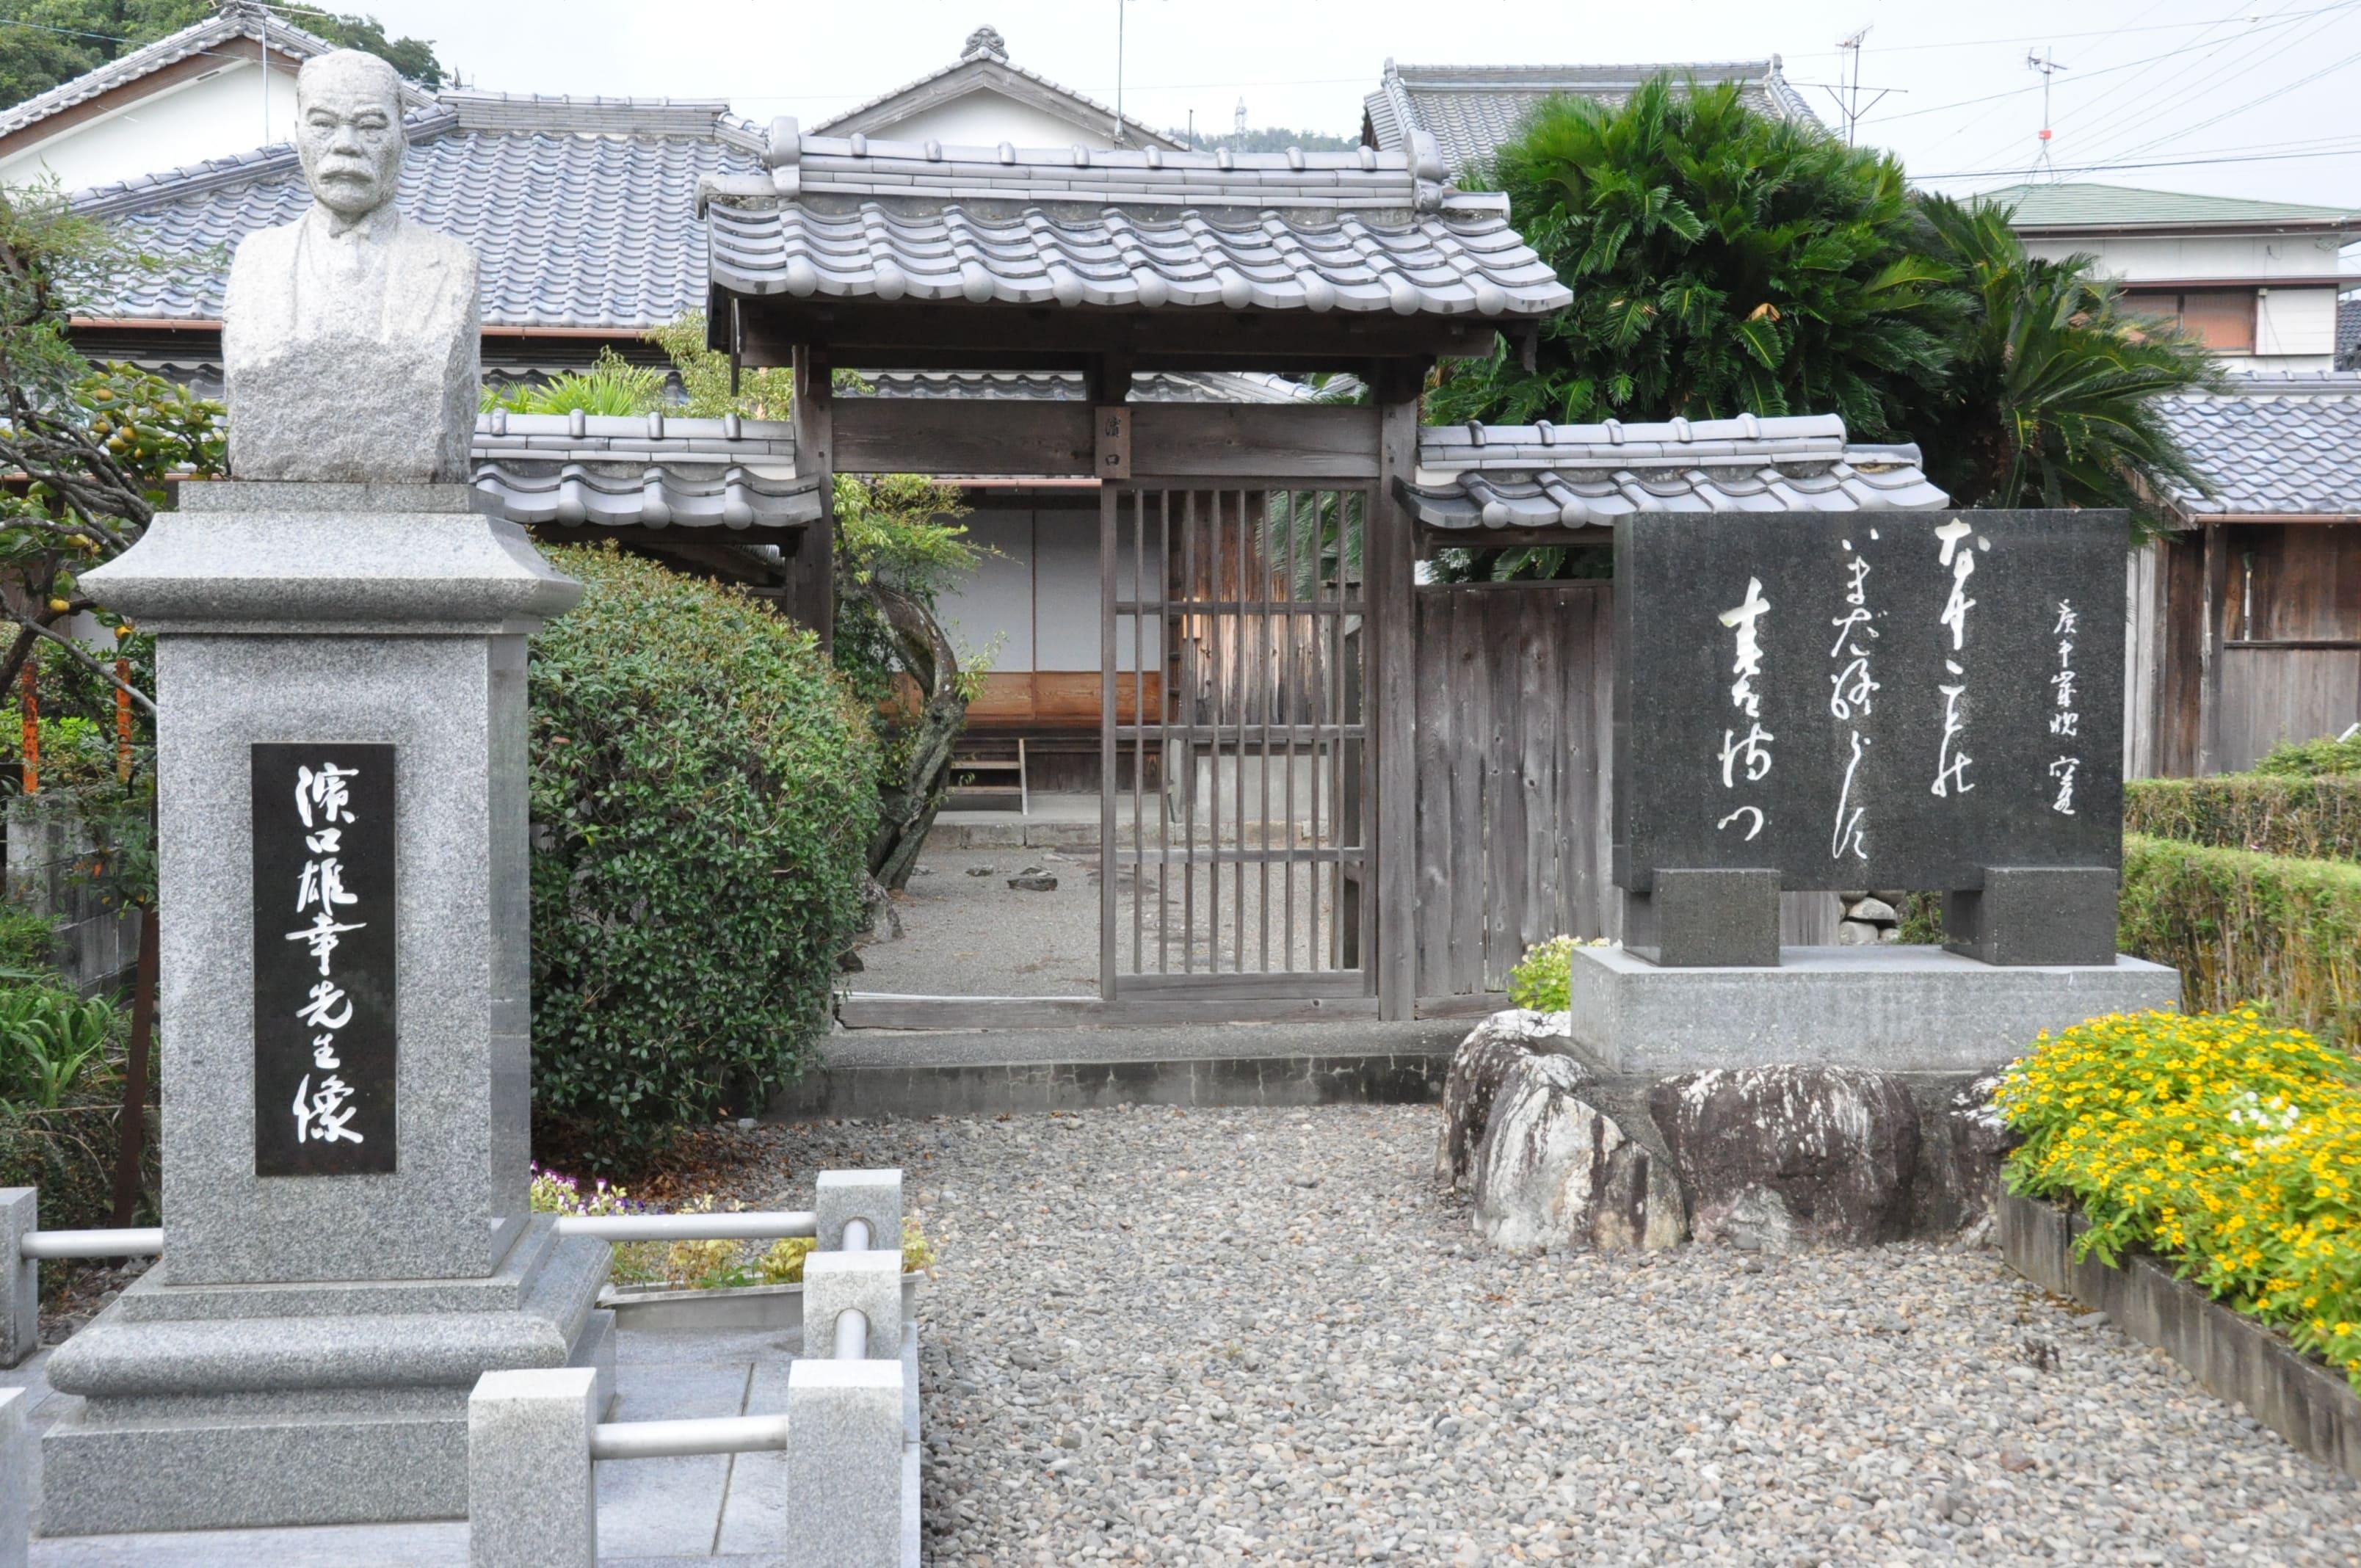 田野町の風景画像